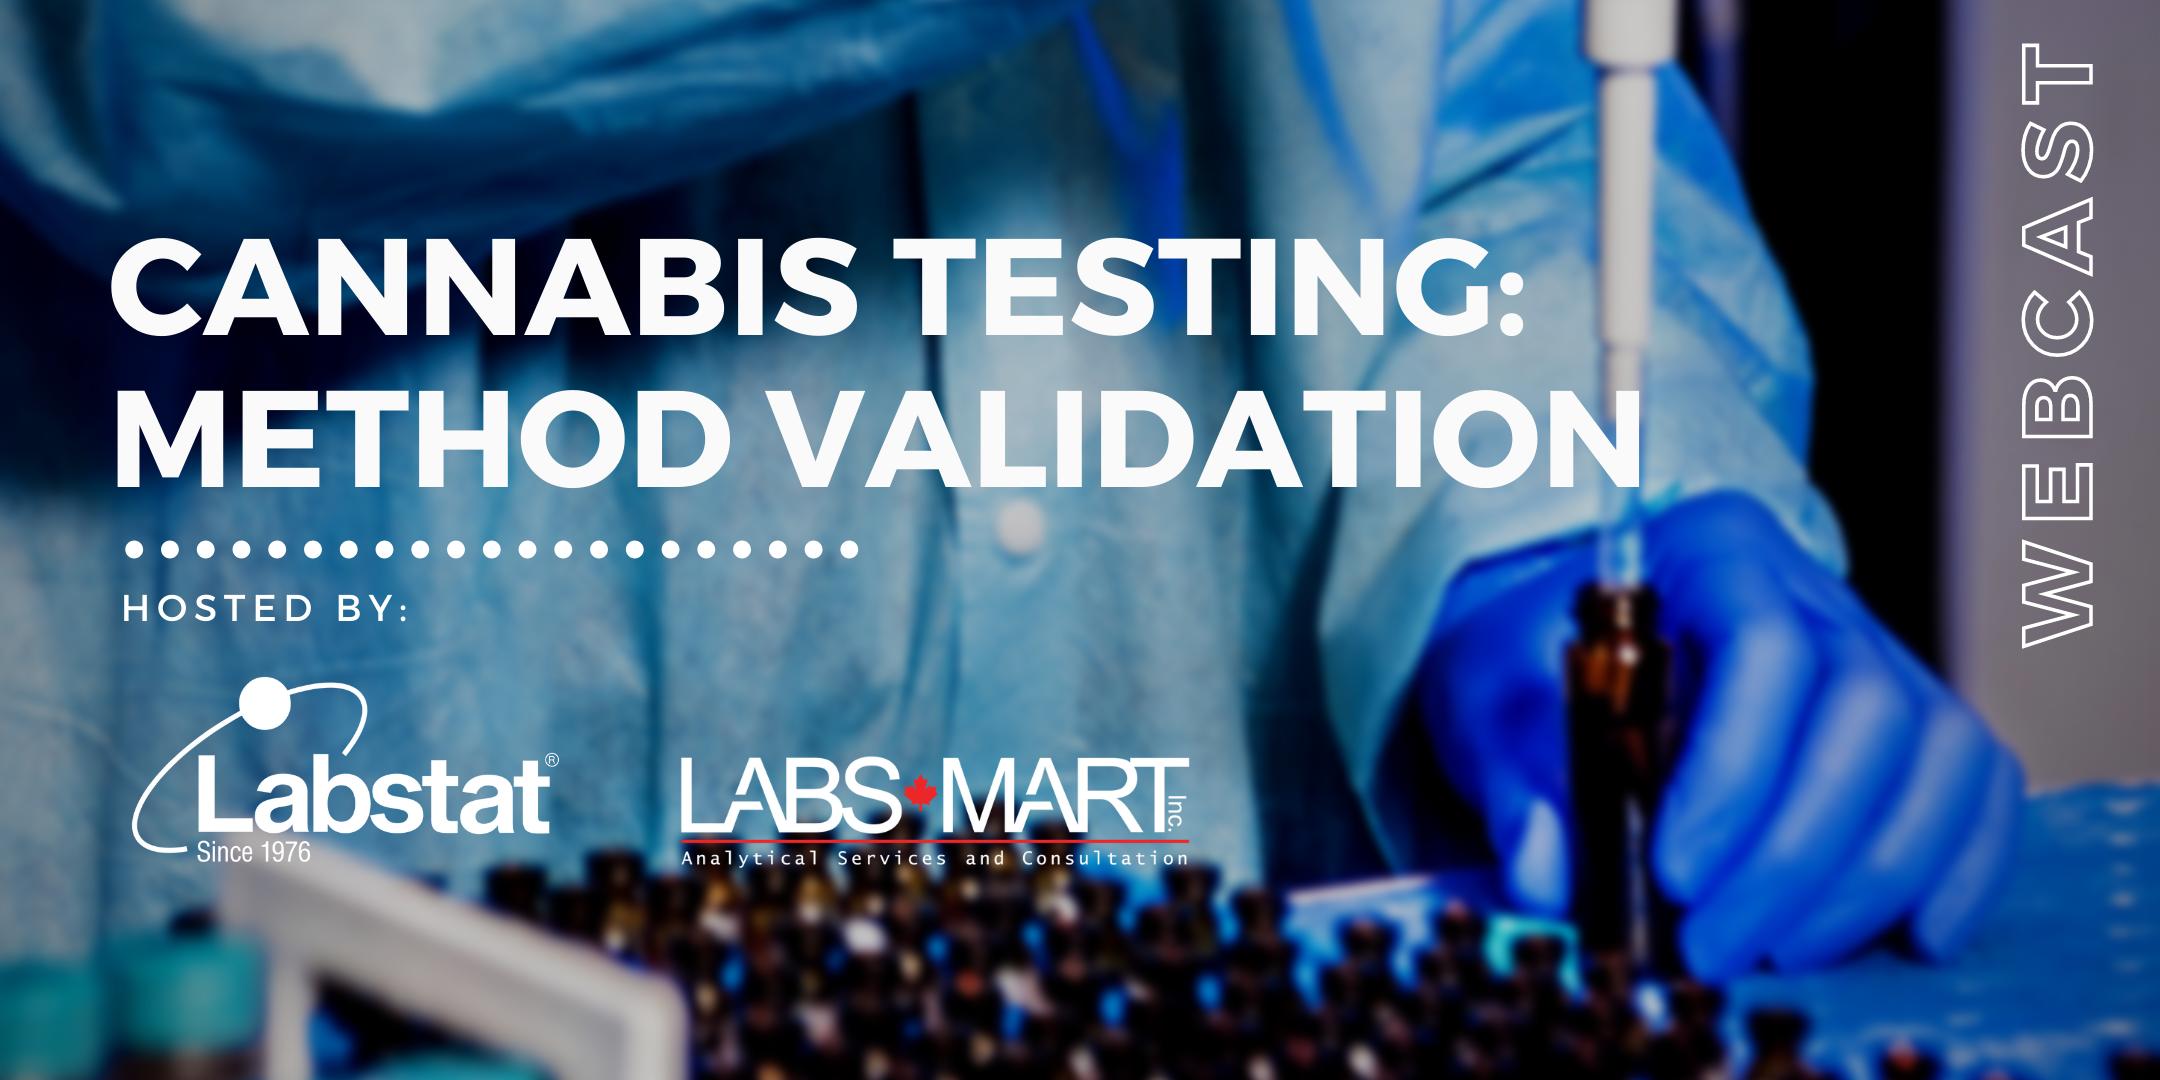 Cannabis Testing: Method Validation   WEBCAST